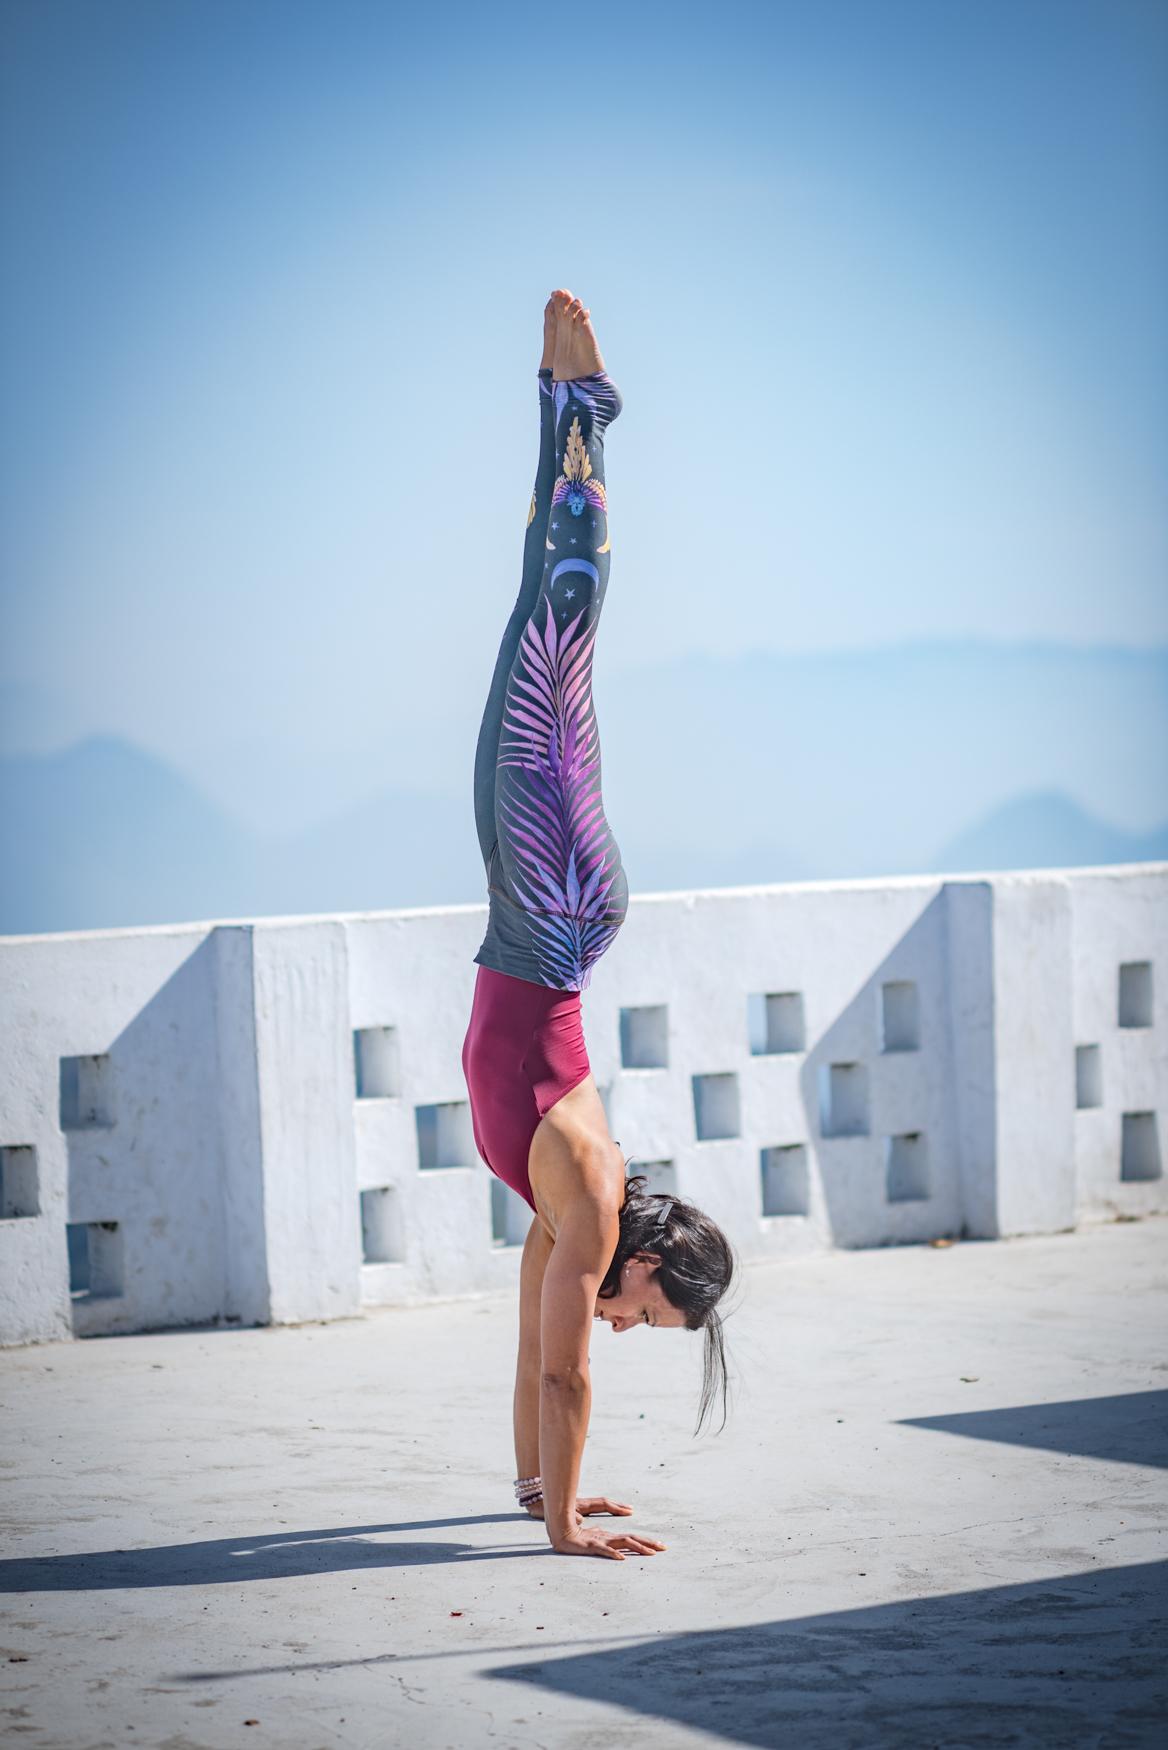 Yoga-Asana-Photography-Costa-Rica-9.jpg